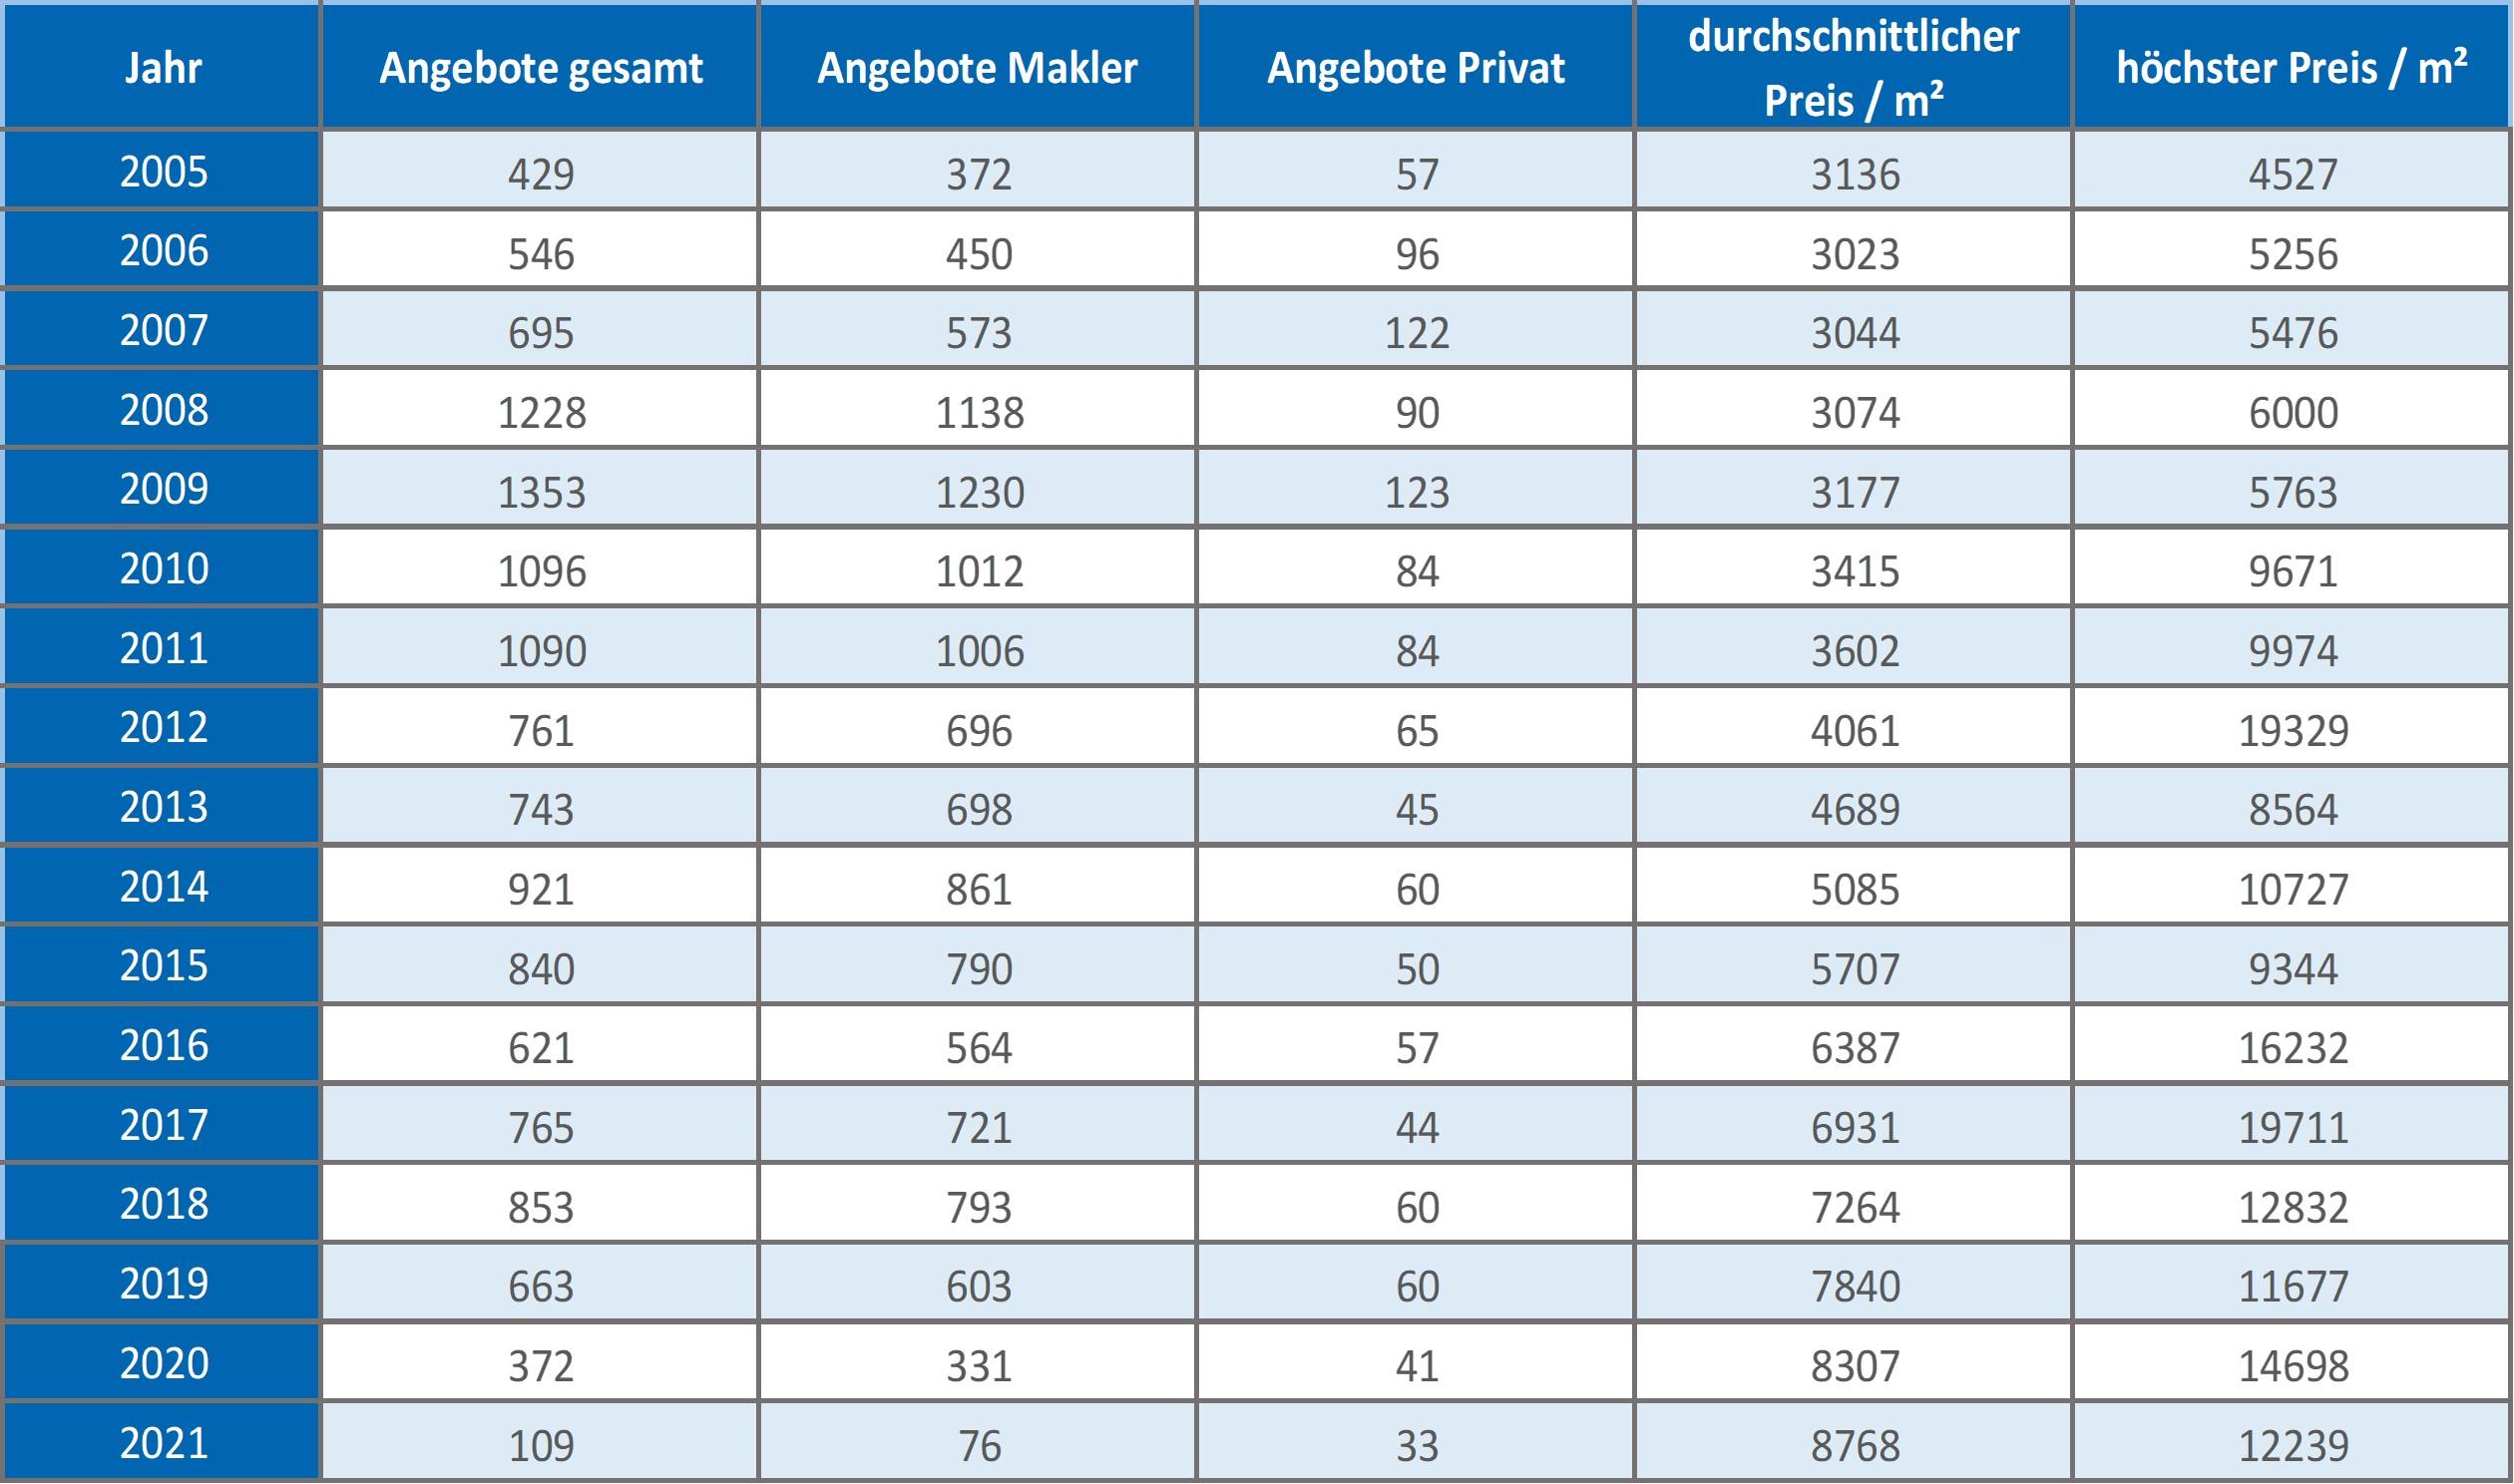 München-Trudering-Wohnung-Kaufen-Verkaufen-Makler 2019 2020 2021